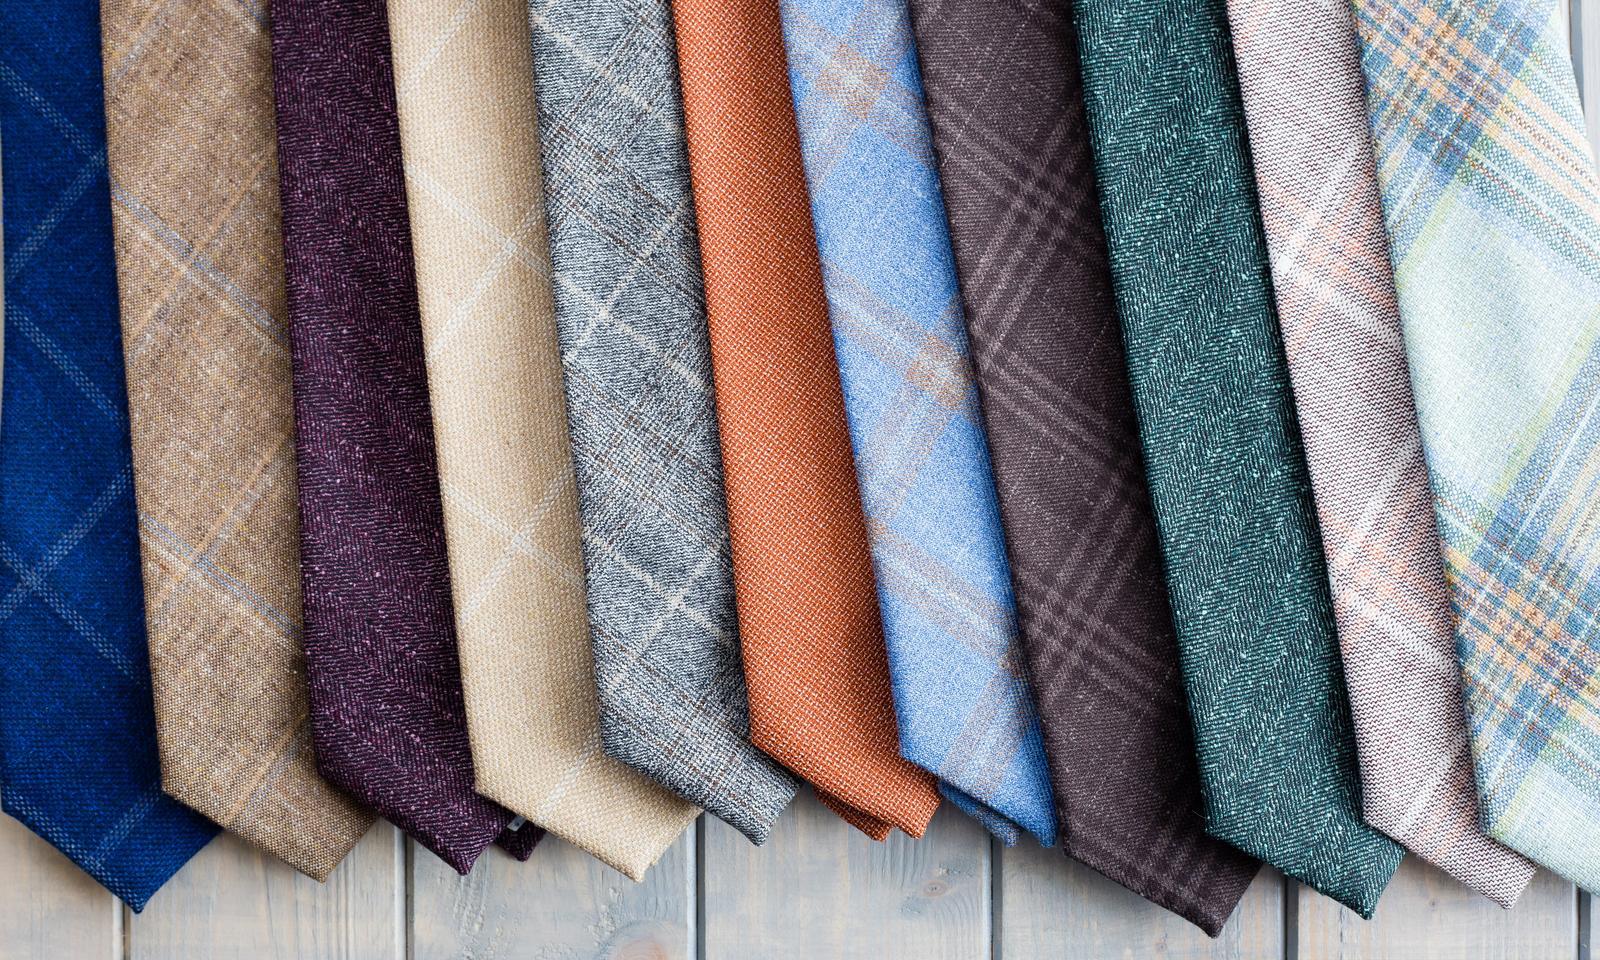 bubibubi_ties - Kravaty z luxusních italských látek